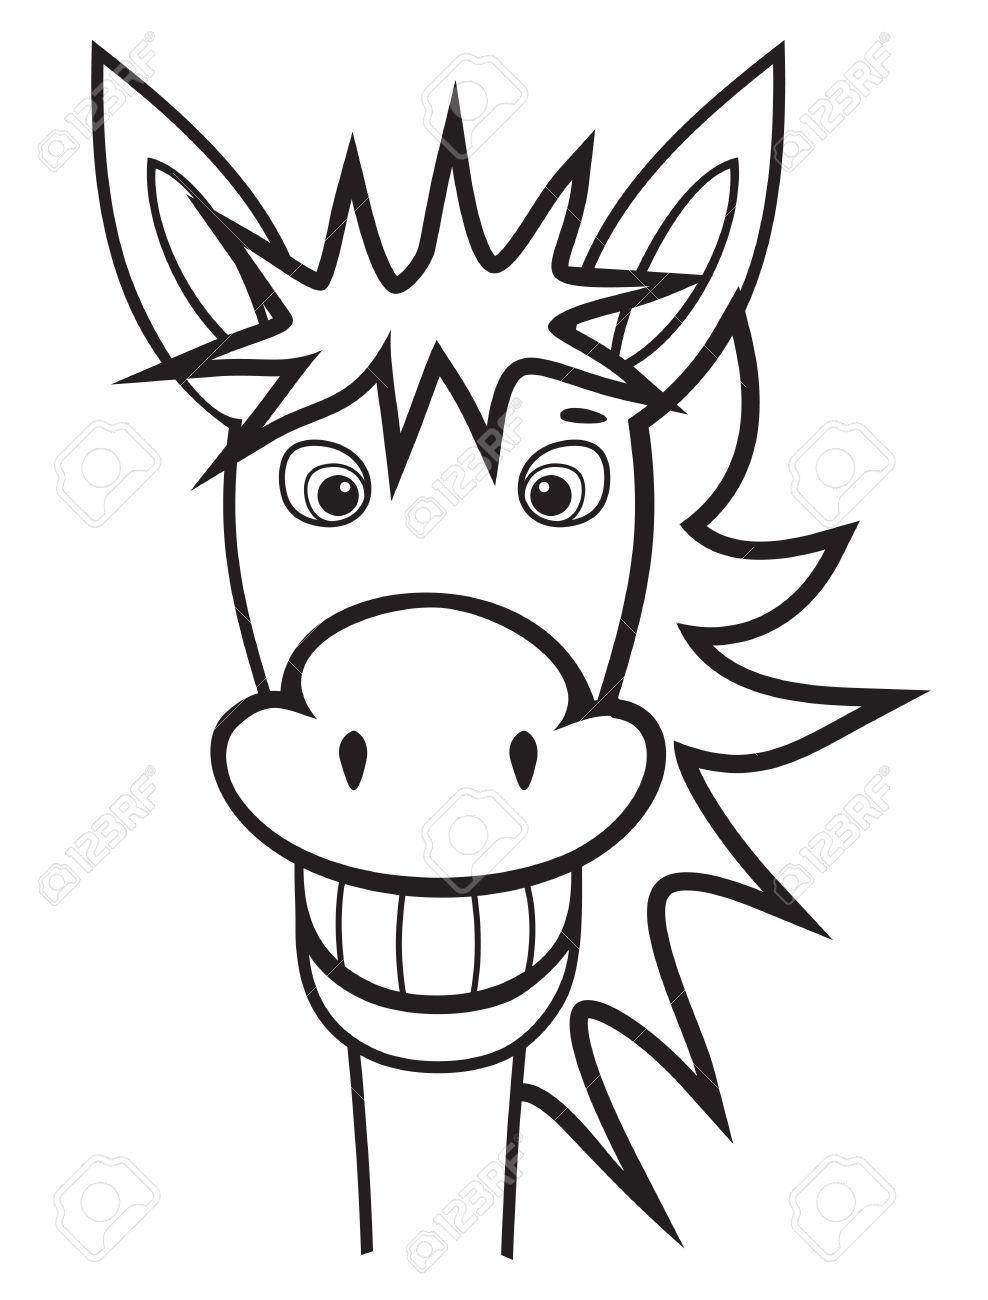 donkey black and white.